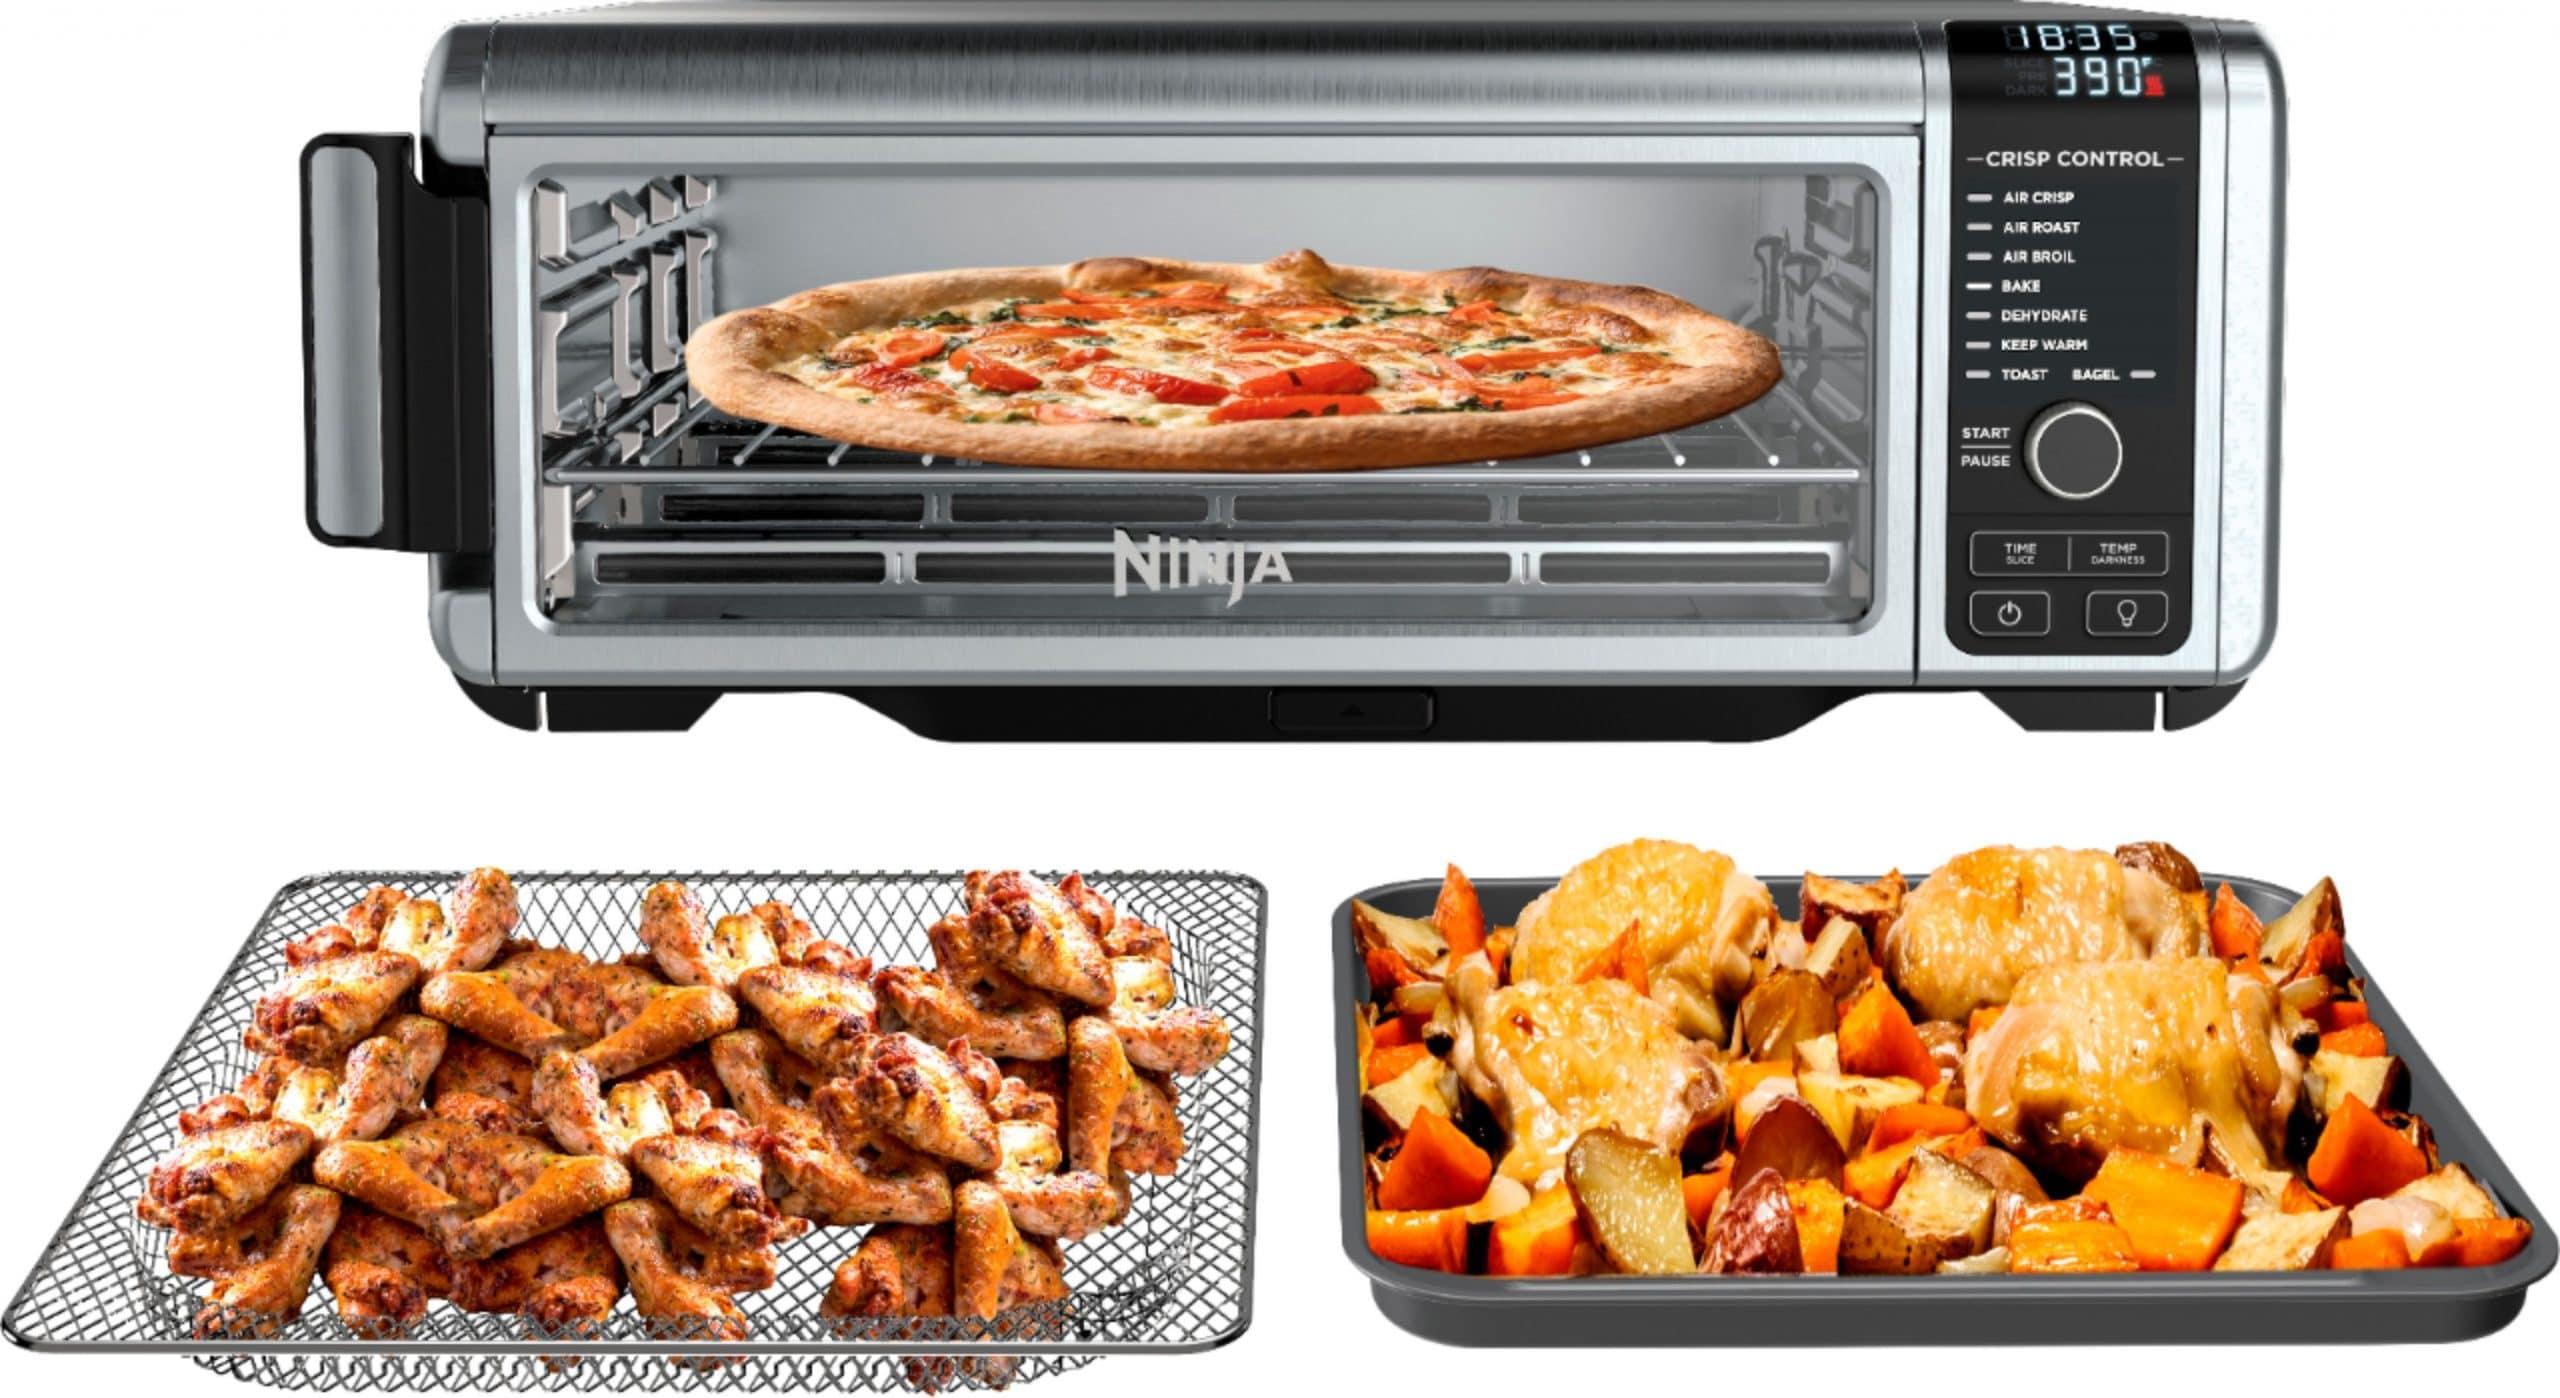 Ninja Ninja® SP101 Foodi™ 8-in-1 Digital Air Fry Oven